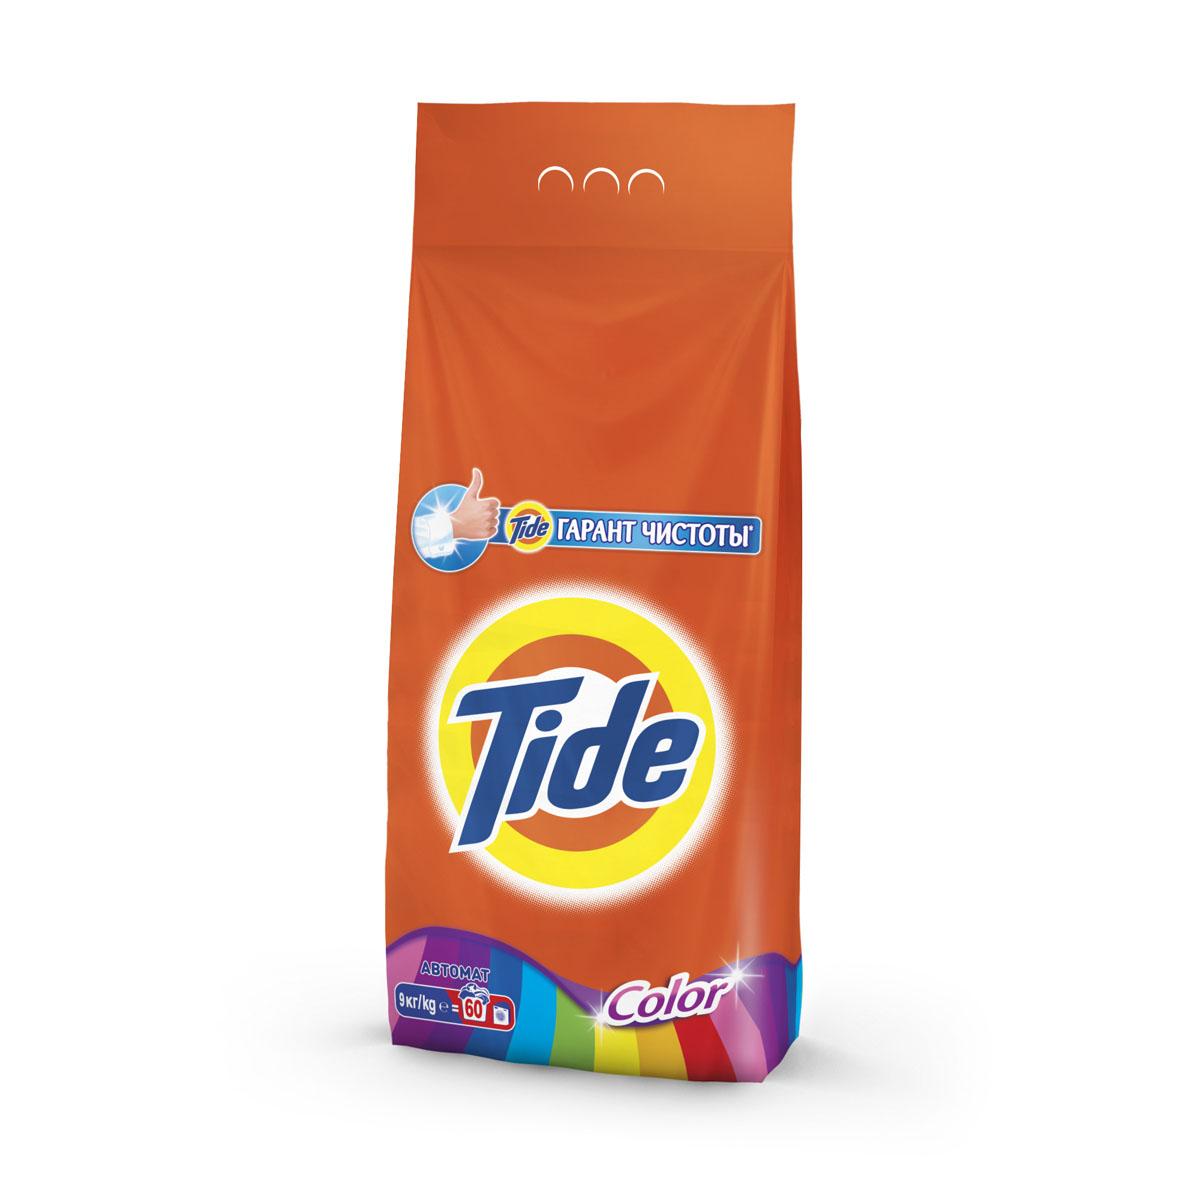 Порошок стиральный Tide Color, для цветных вещей, автомат, 9 кг стиральный порошок cadi концентрат для цветных вещей 3